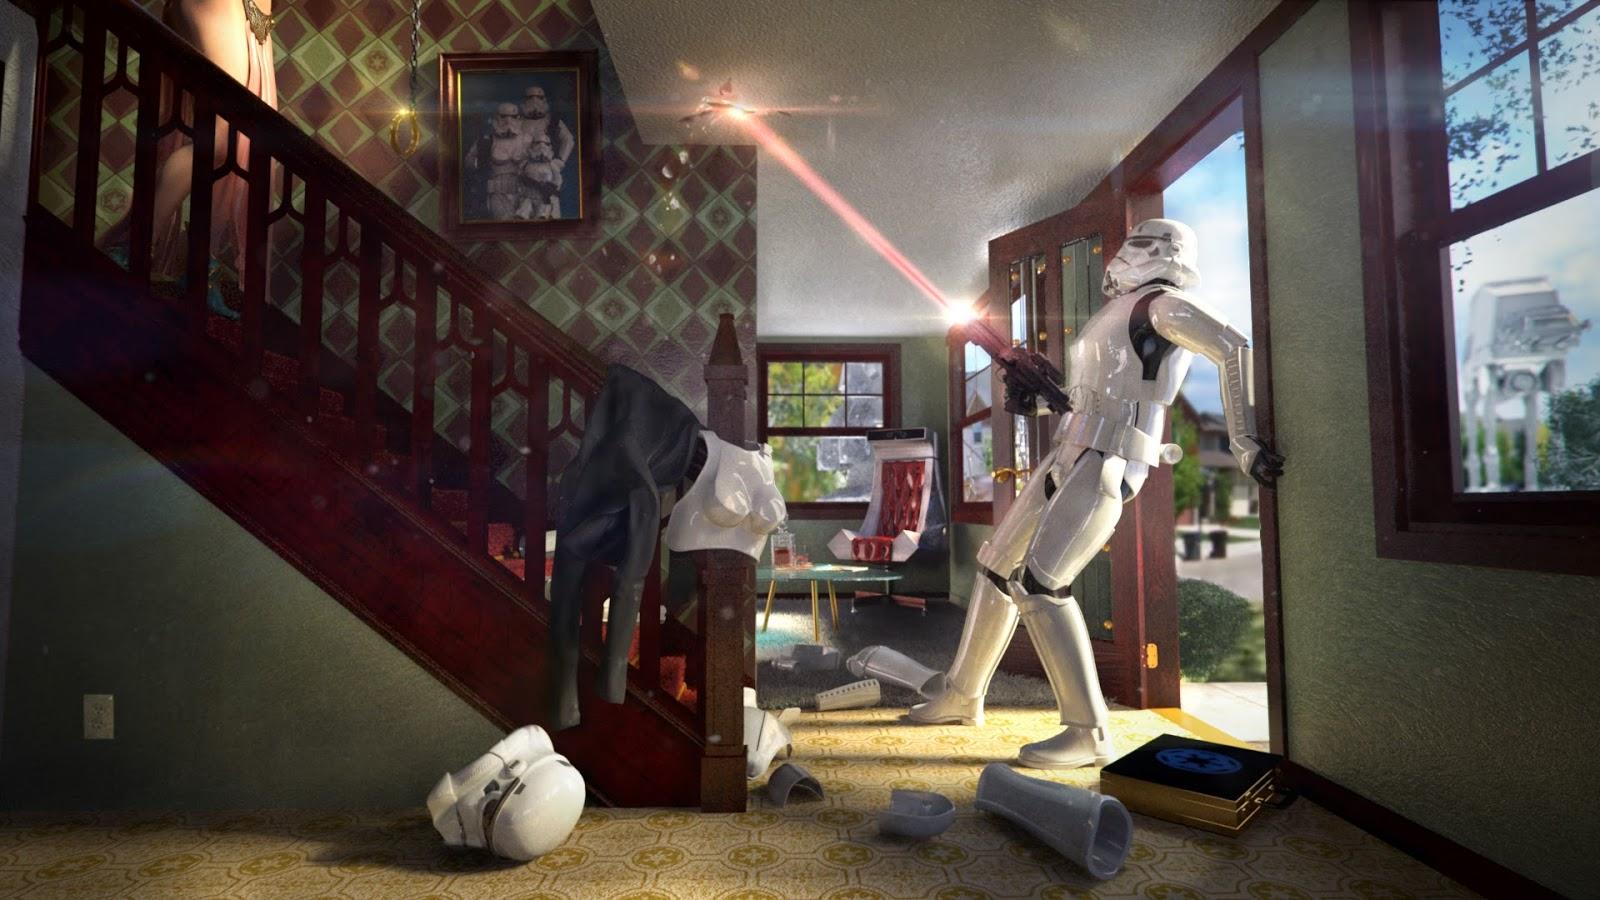 StormTrooper_161014_6